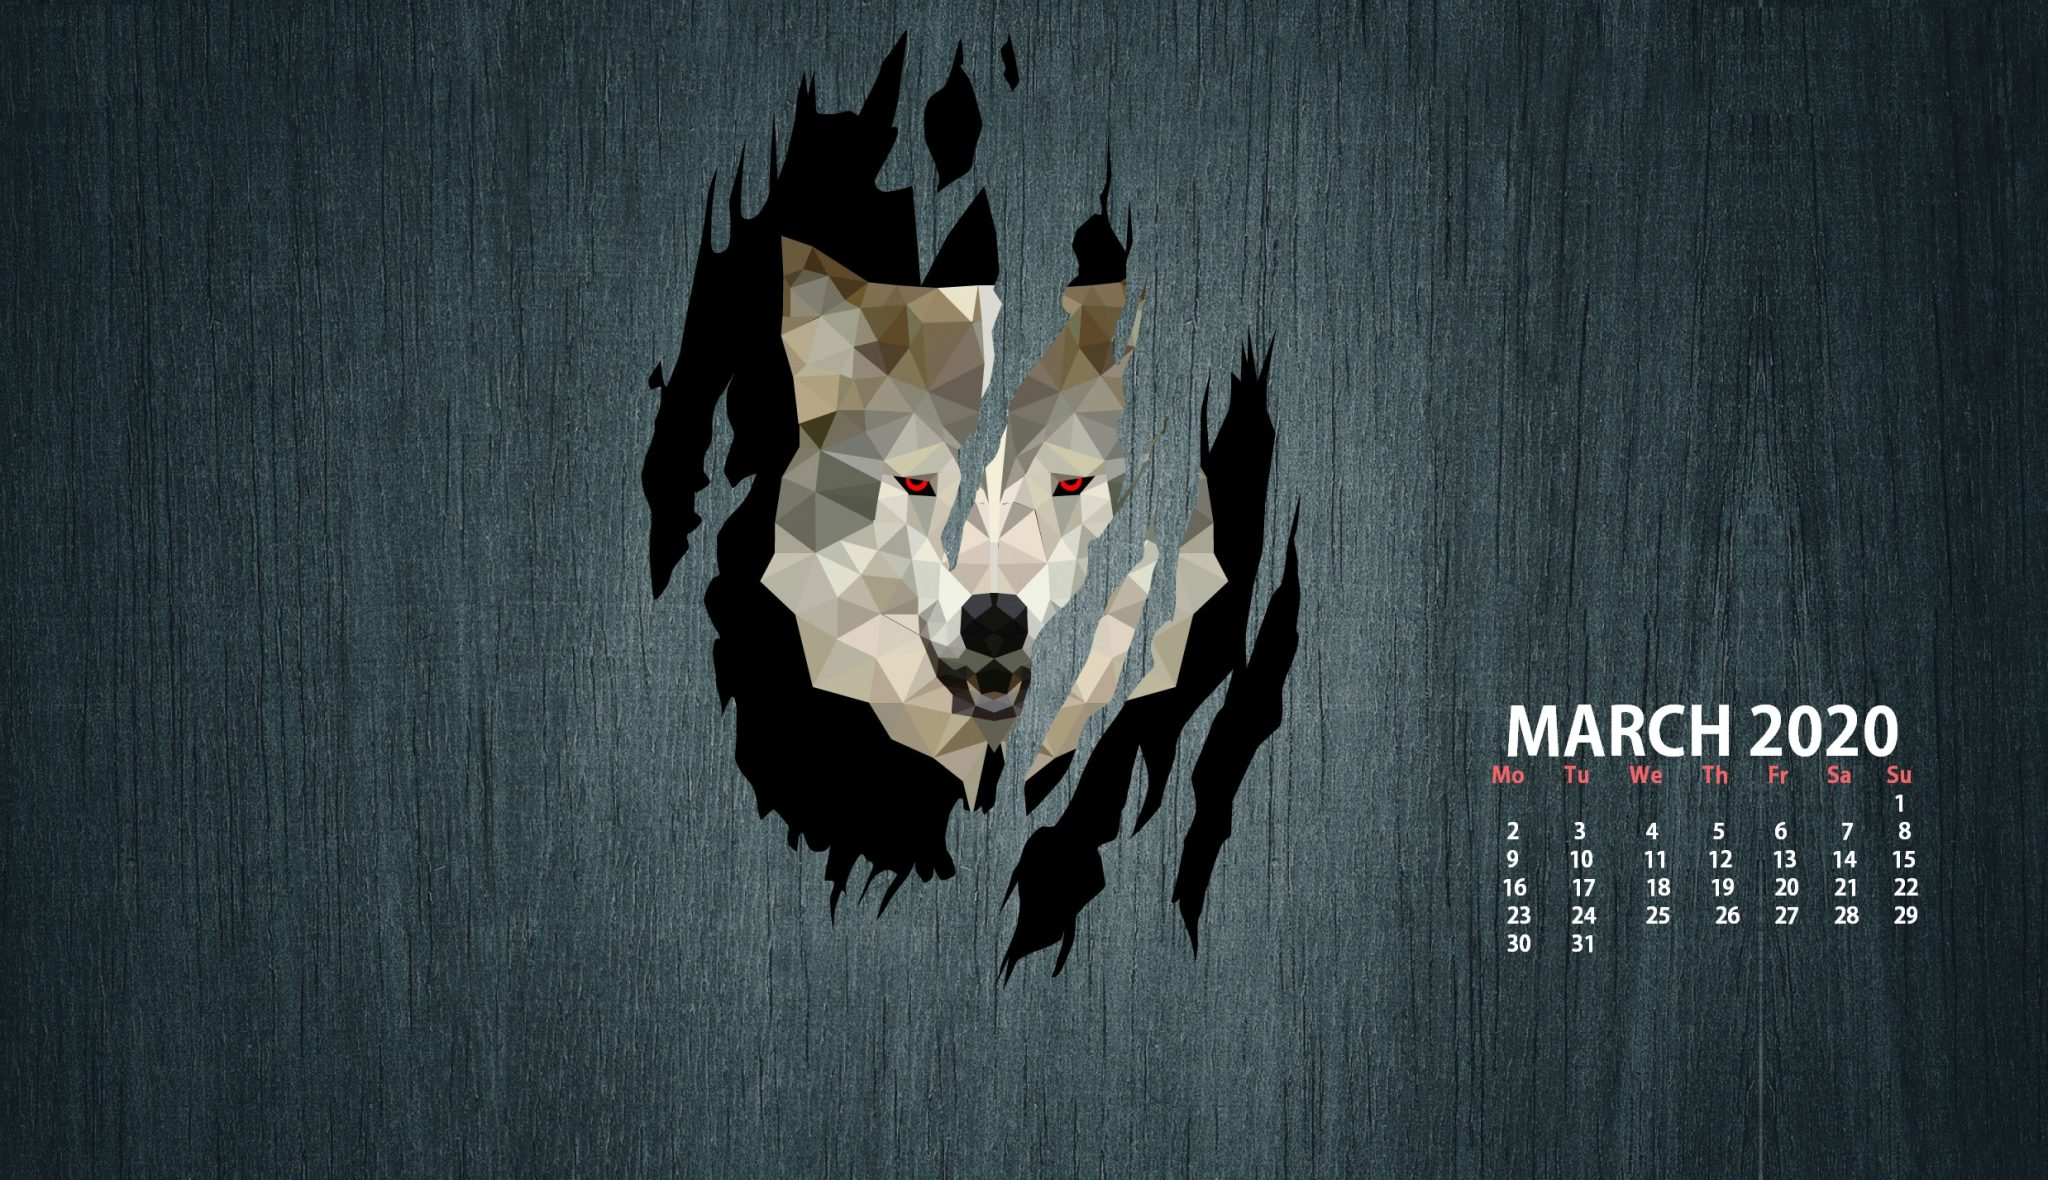 March 2020 Desktop Wallpaper Calendar